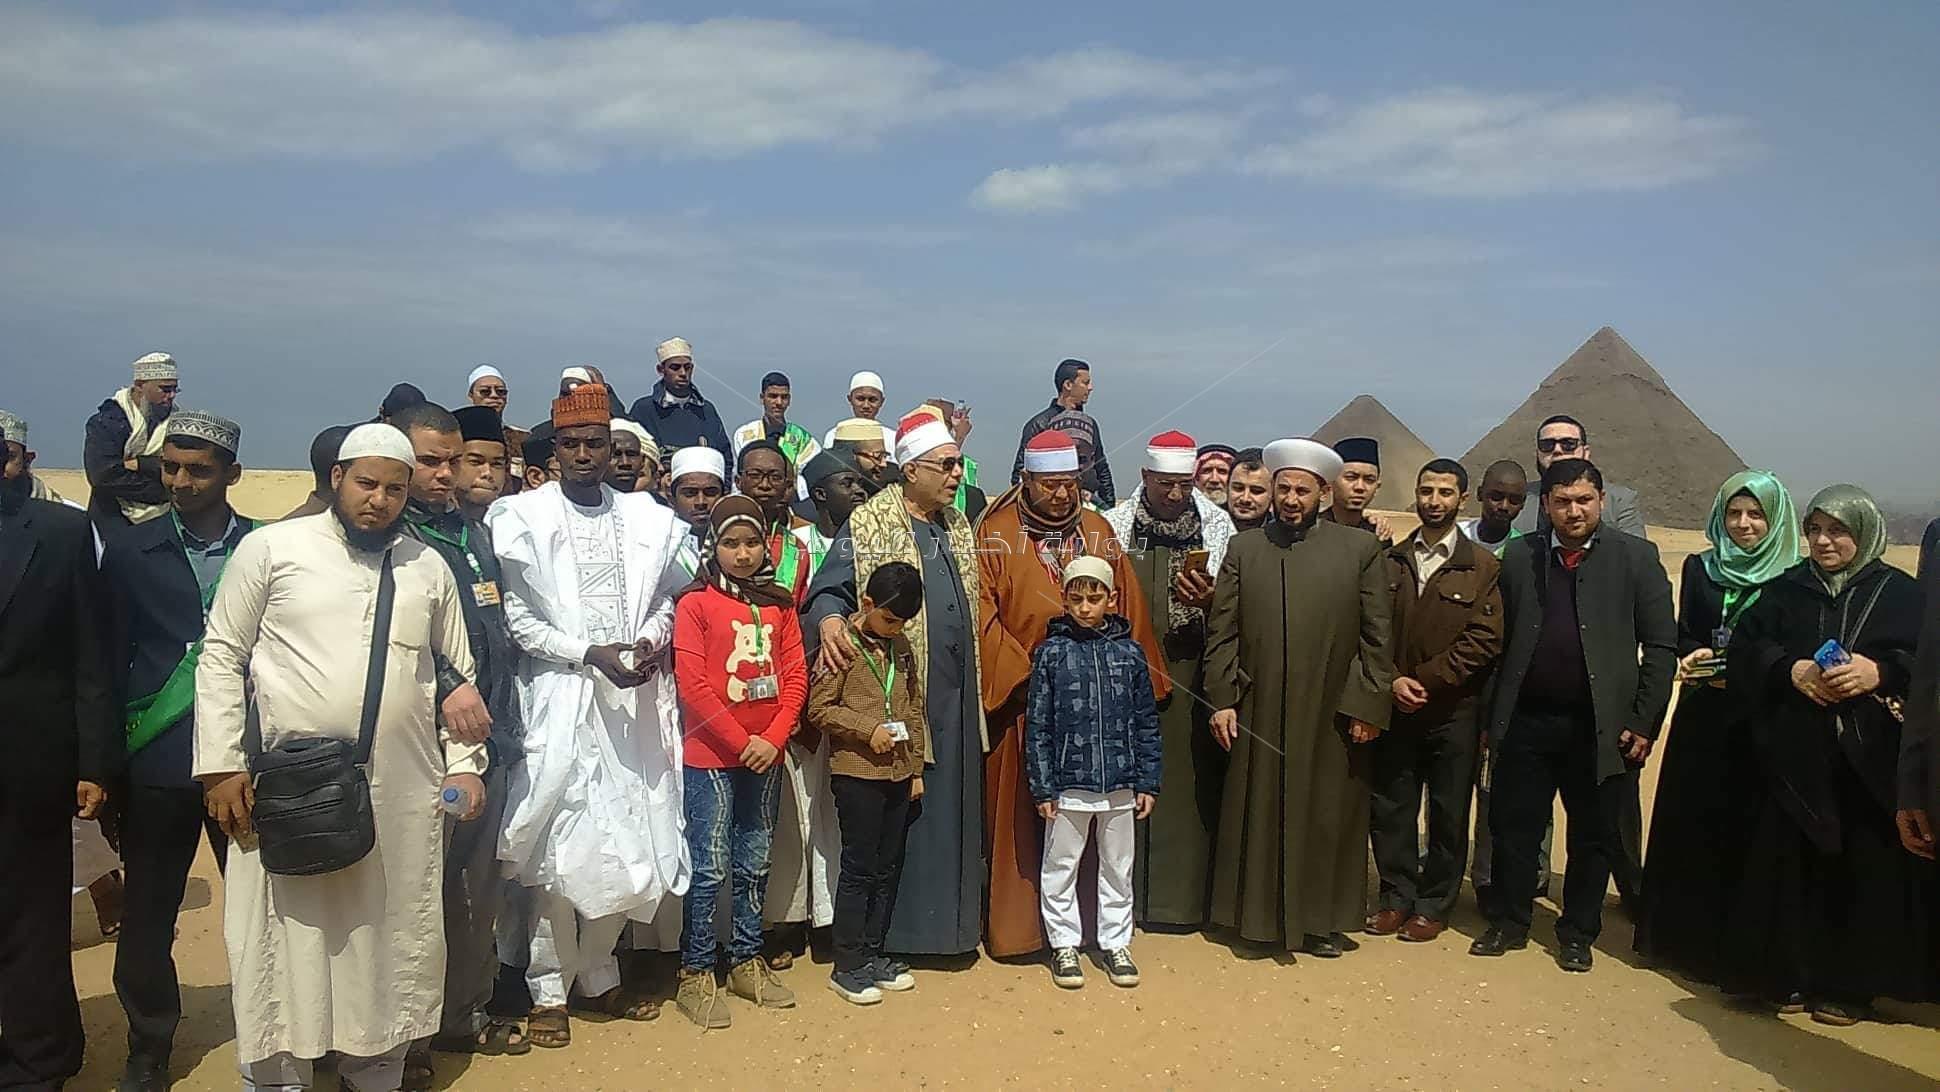 جولة وفود مسابقة القرآن الكريم العالمية في الأهرامات